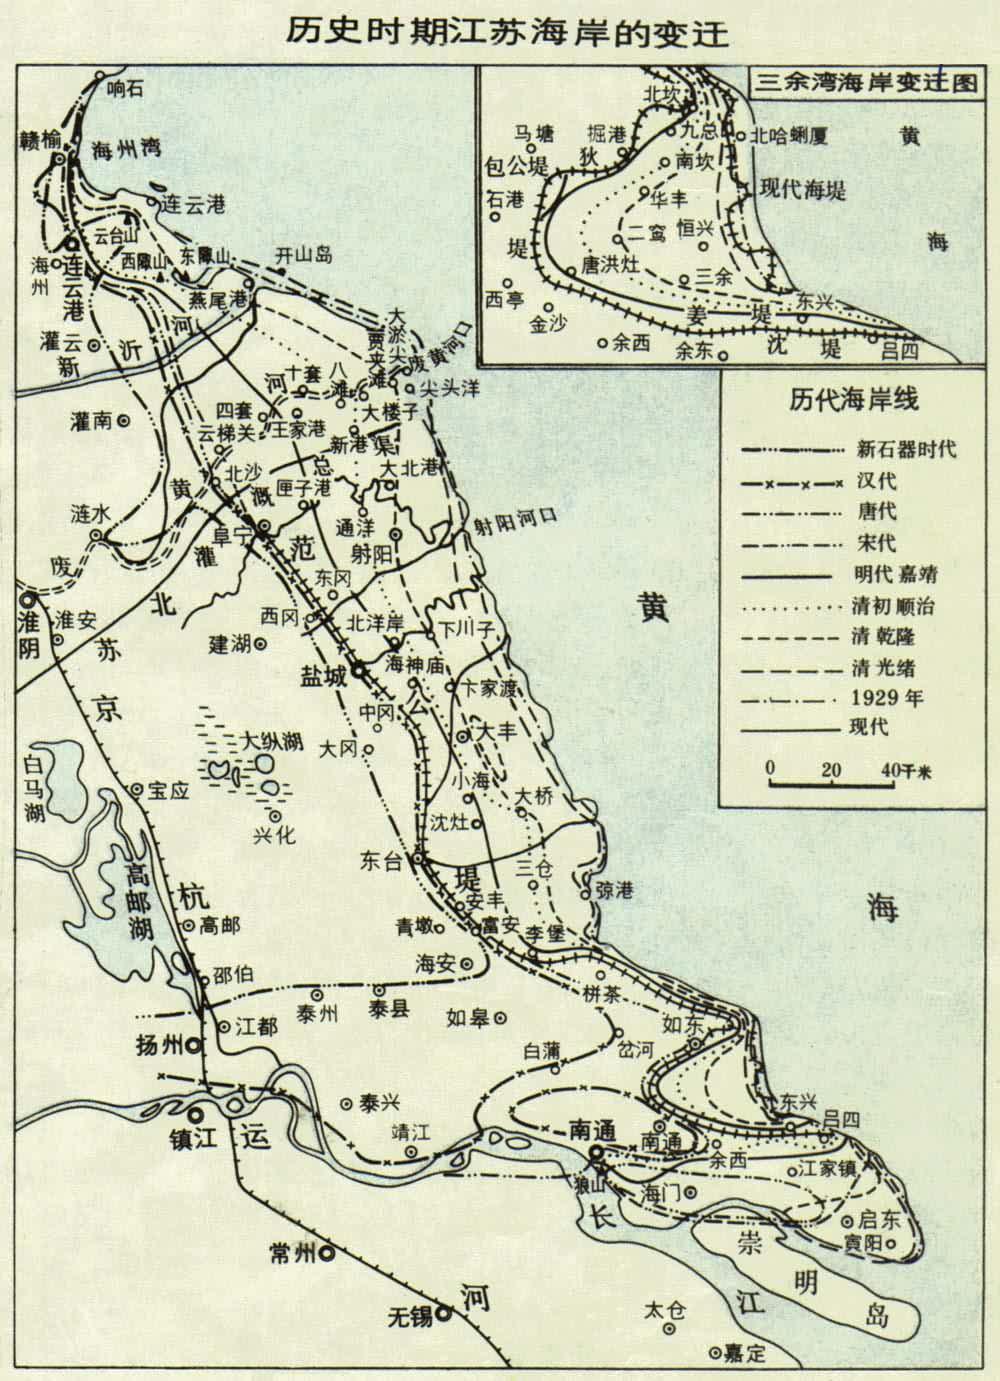 即今地图上之淤黄河